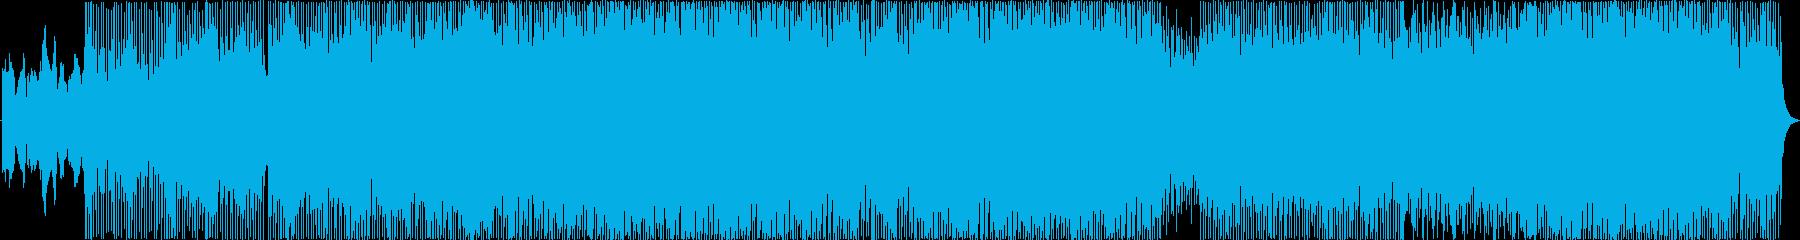 プログレッシブ。エレクトロ。夢。の再生済みの波形